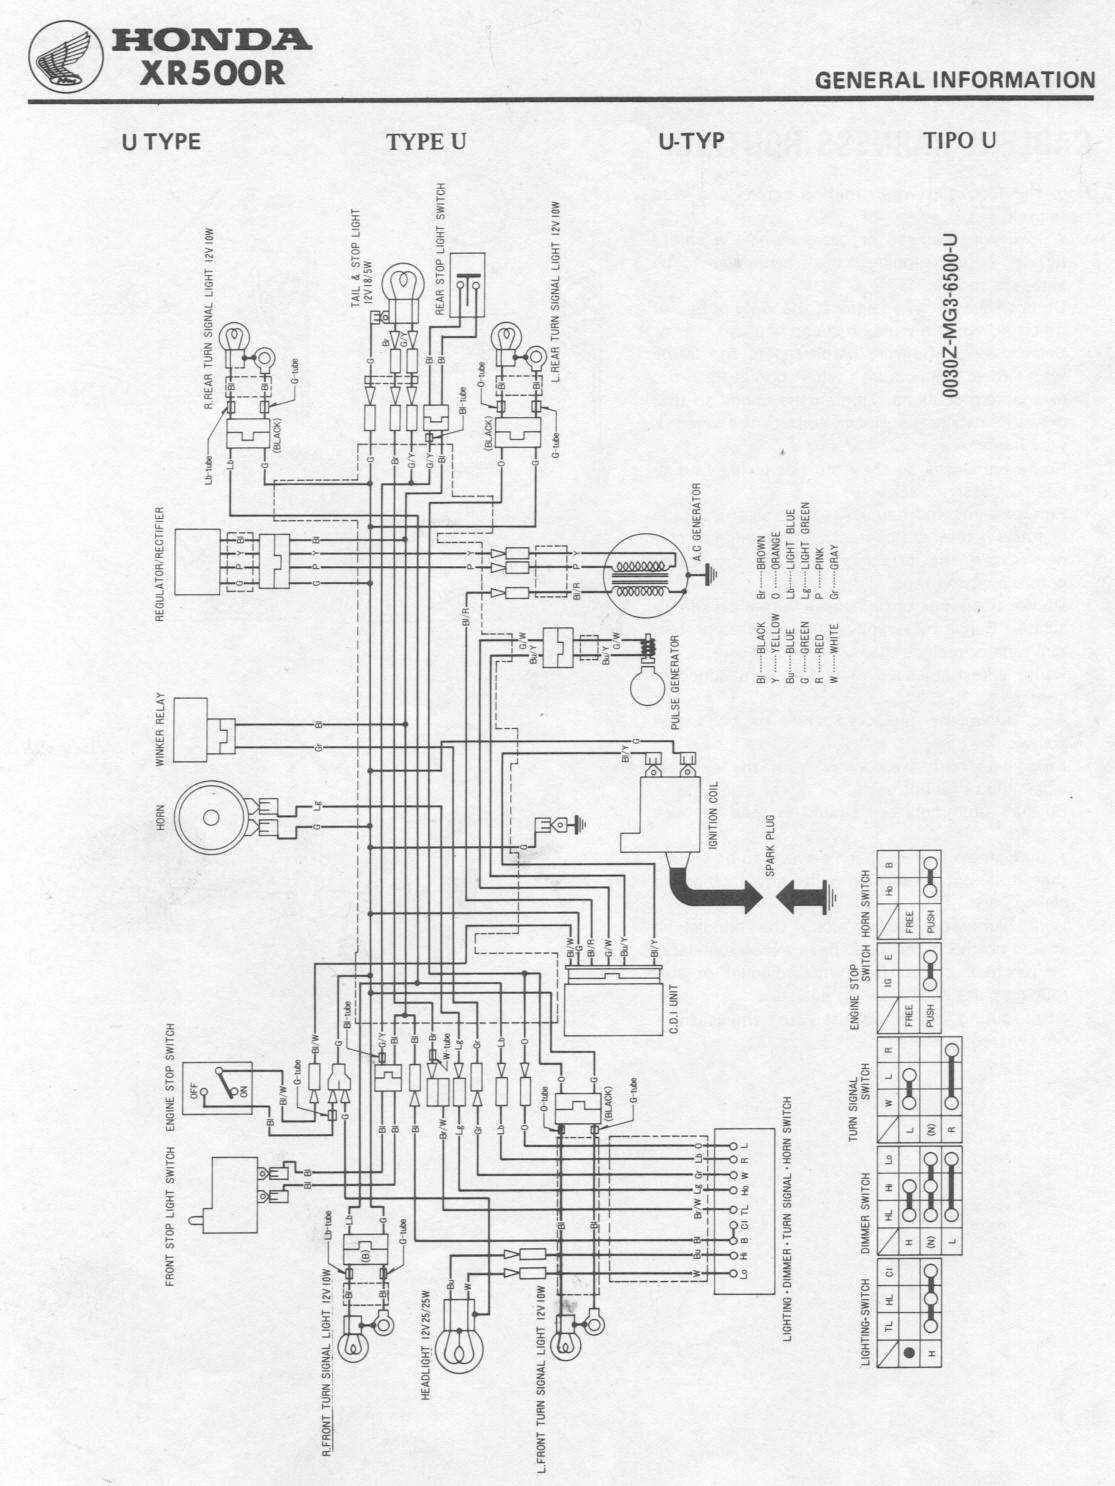 Tolle Honda Cdi Schaltplan Bilder - Der Schaltplan - triangre.info